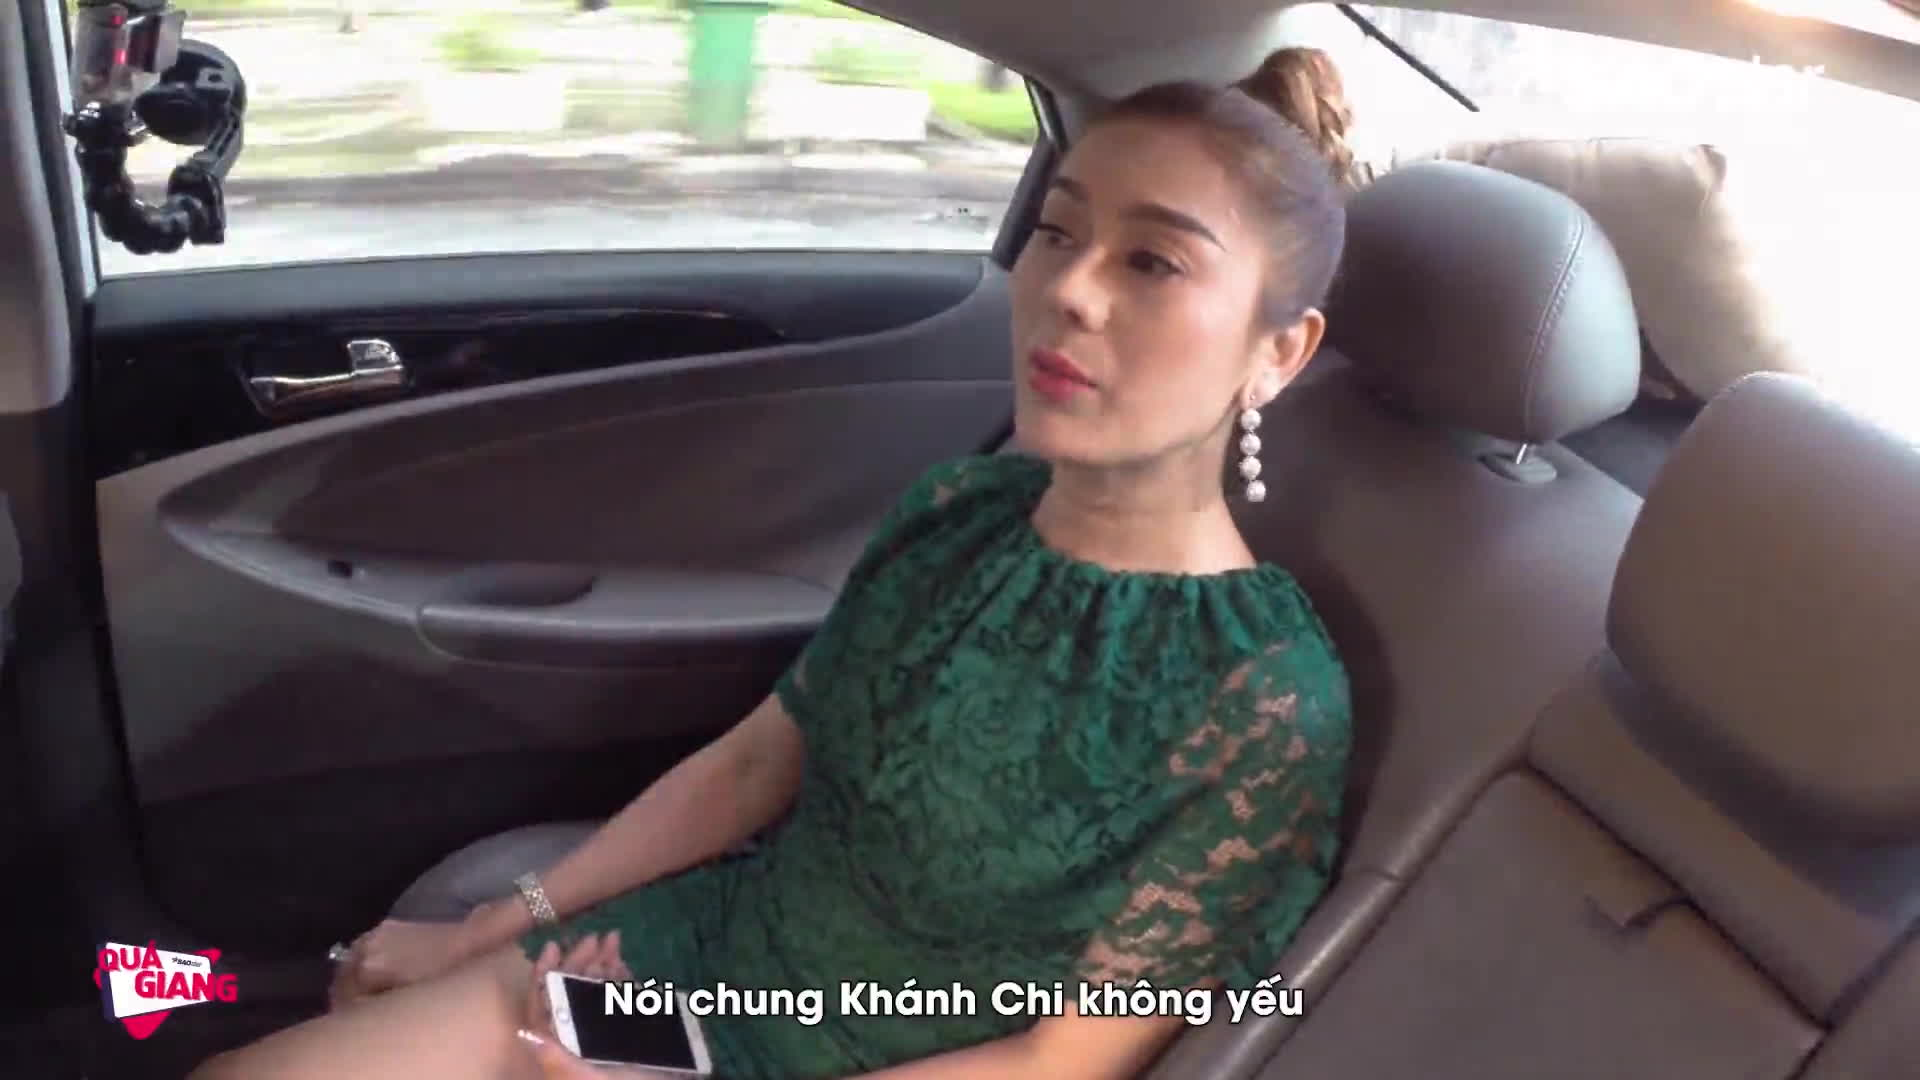 Clip: Lâm Khánh Chi lần đầu tiết lộ khả năng chăn gối với bạn trai!